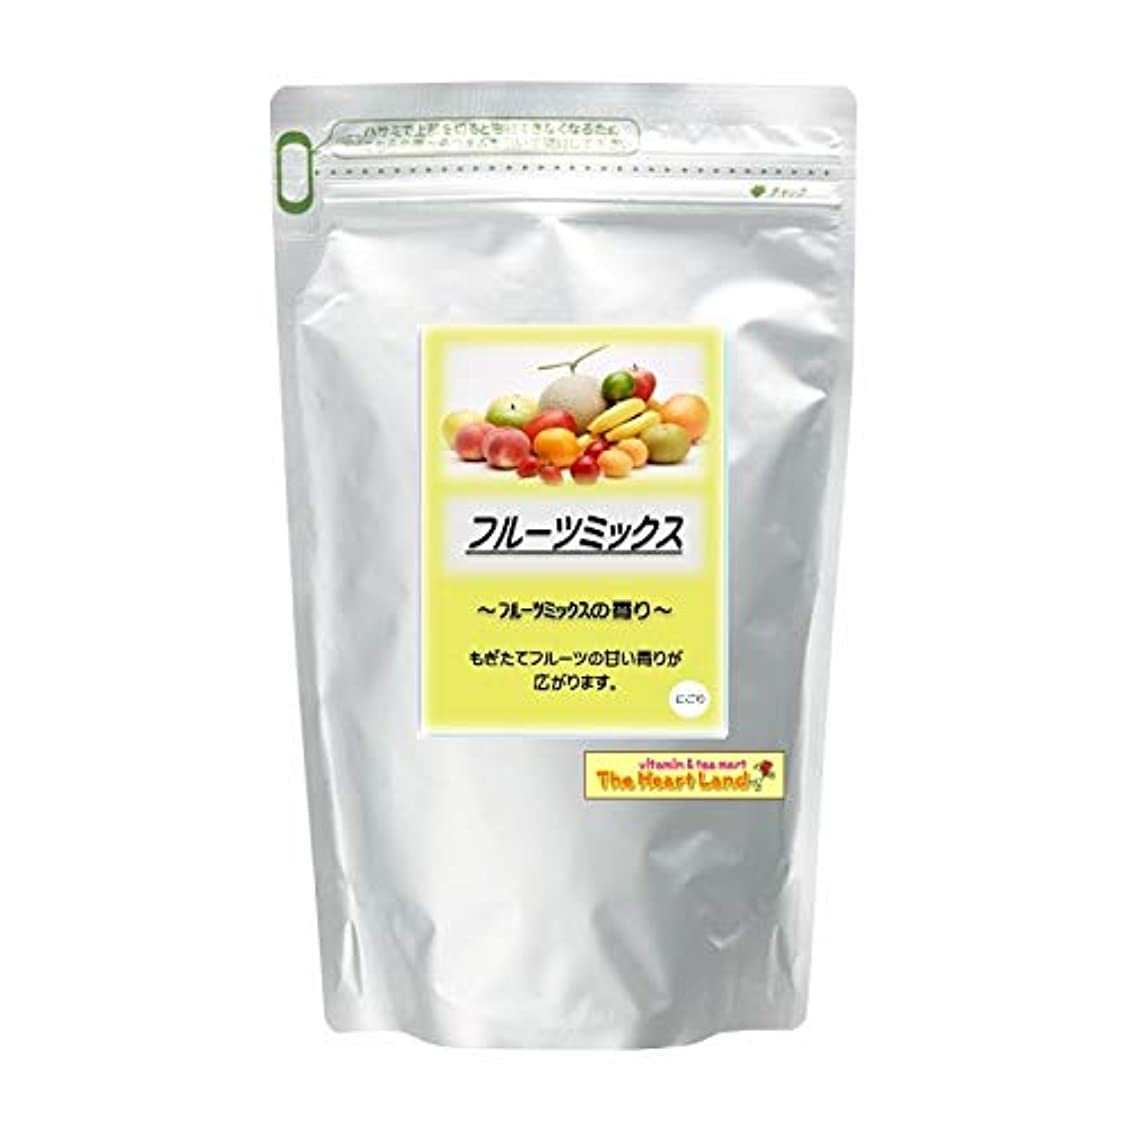 配置不毛ほぼアサヒ入浴剤 浴用入浴化粧品 フルーツミックス 300g